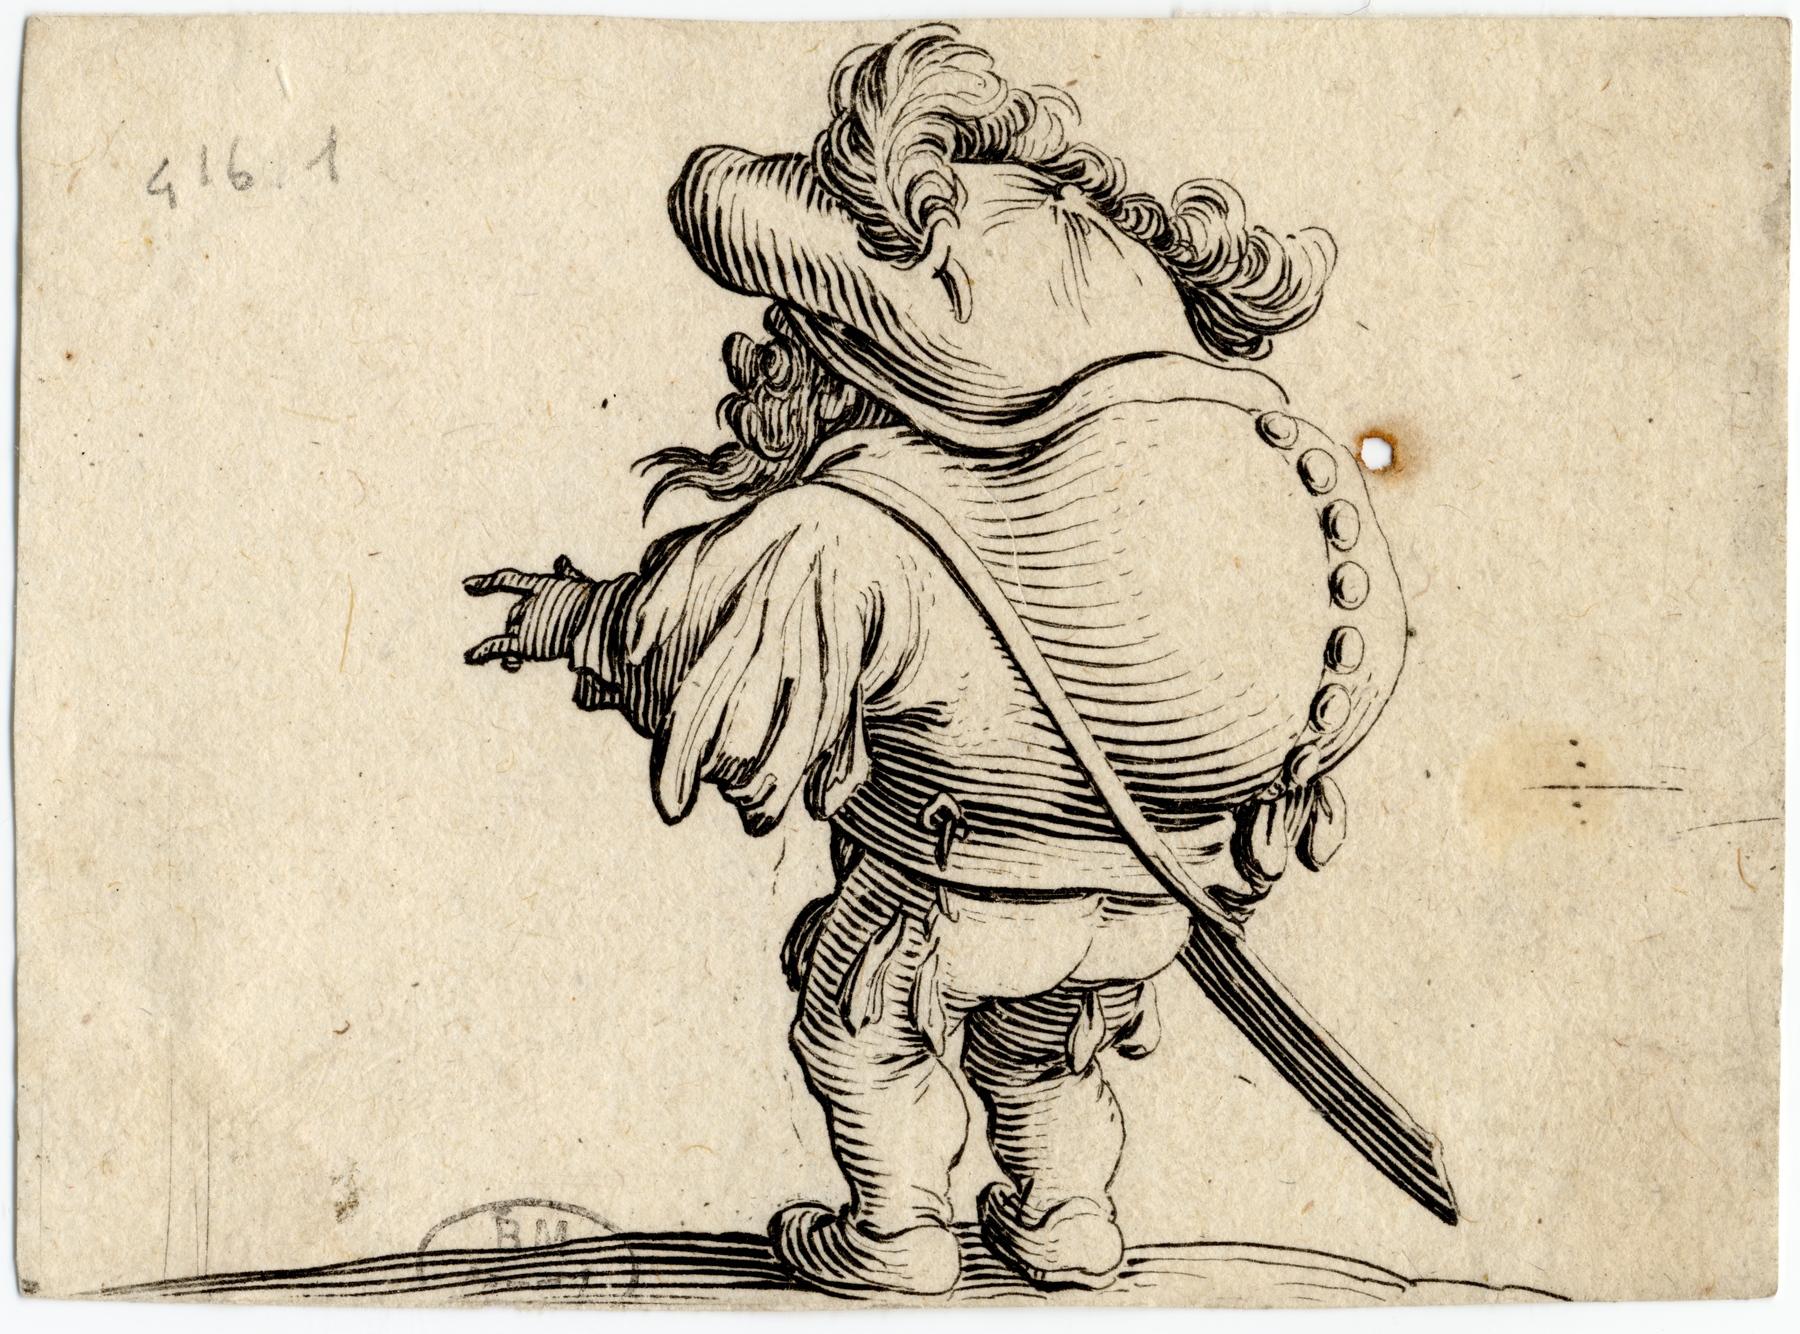 Contenu du Les Gobbi: L'homme au gros dos orné d'une rangée de boutons